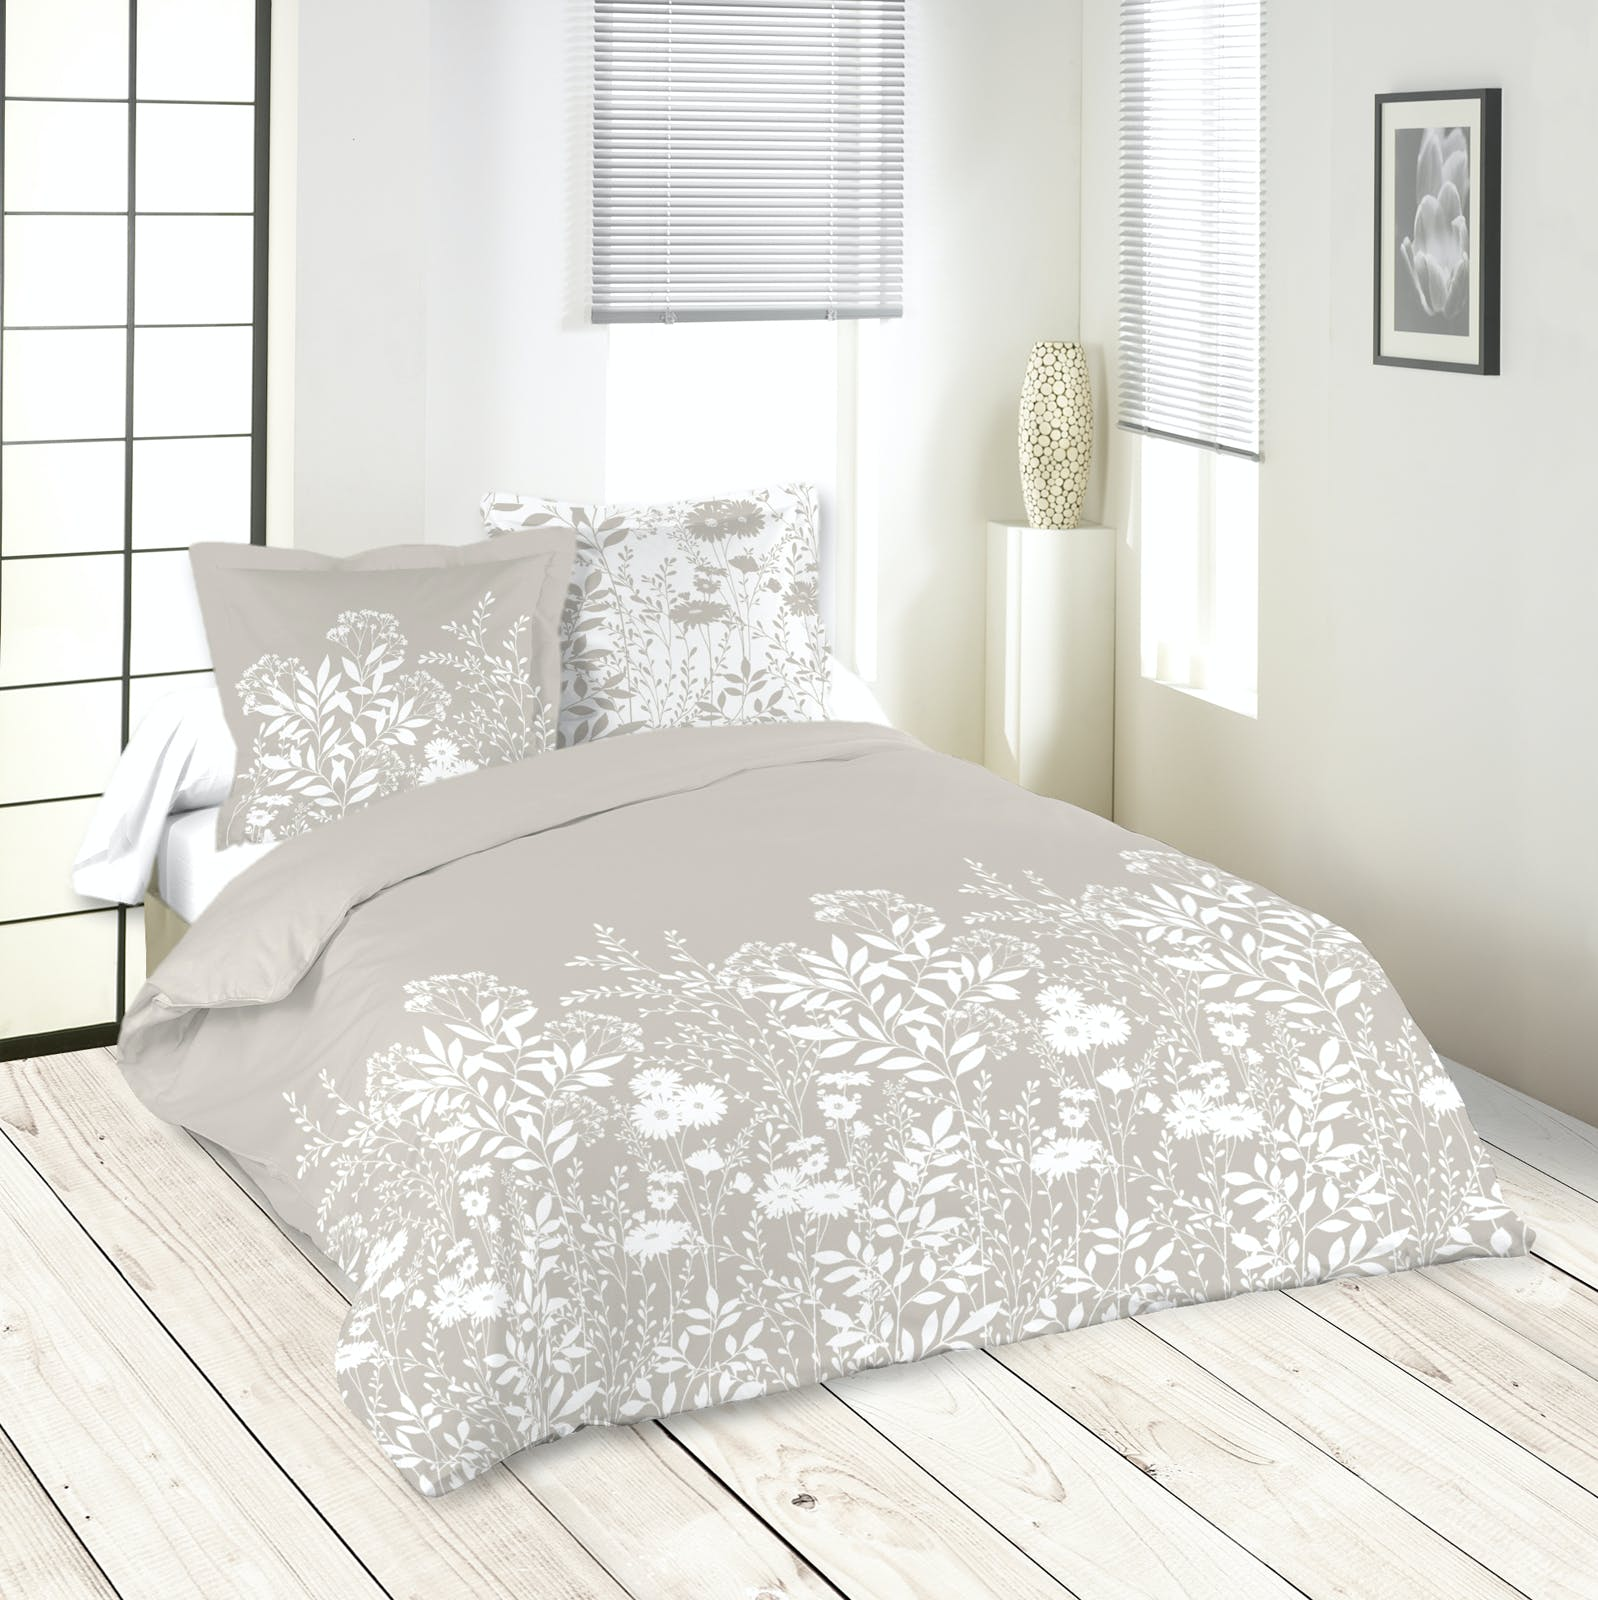 Parure de lit motifs fleurs 240x220cm housse de couette + 2 taies 63x63cm NATUREL